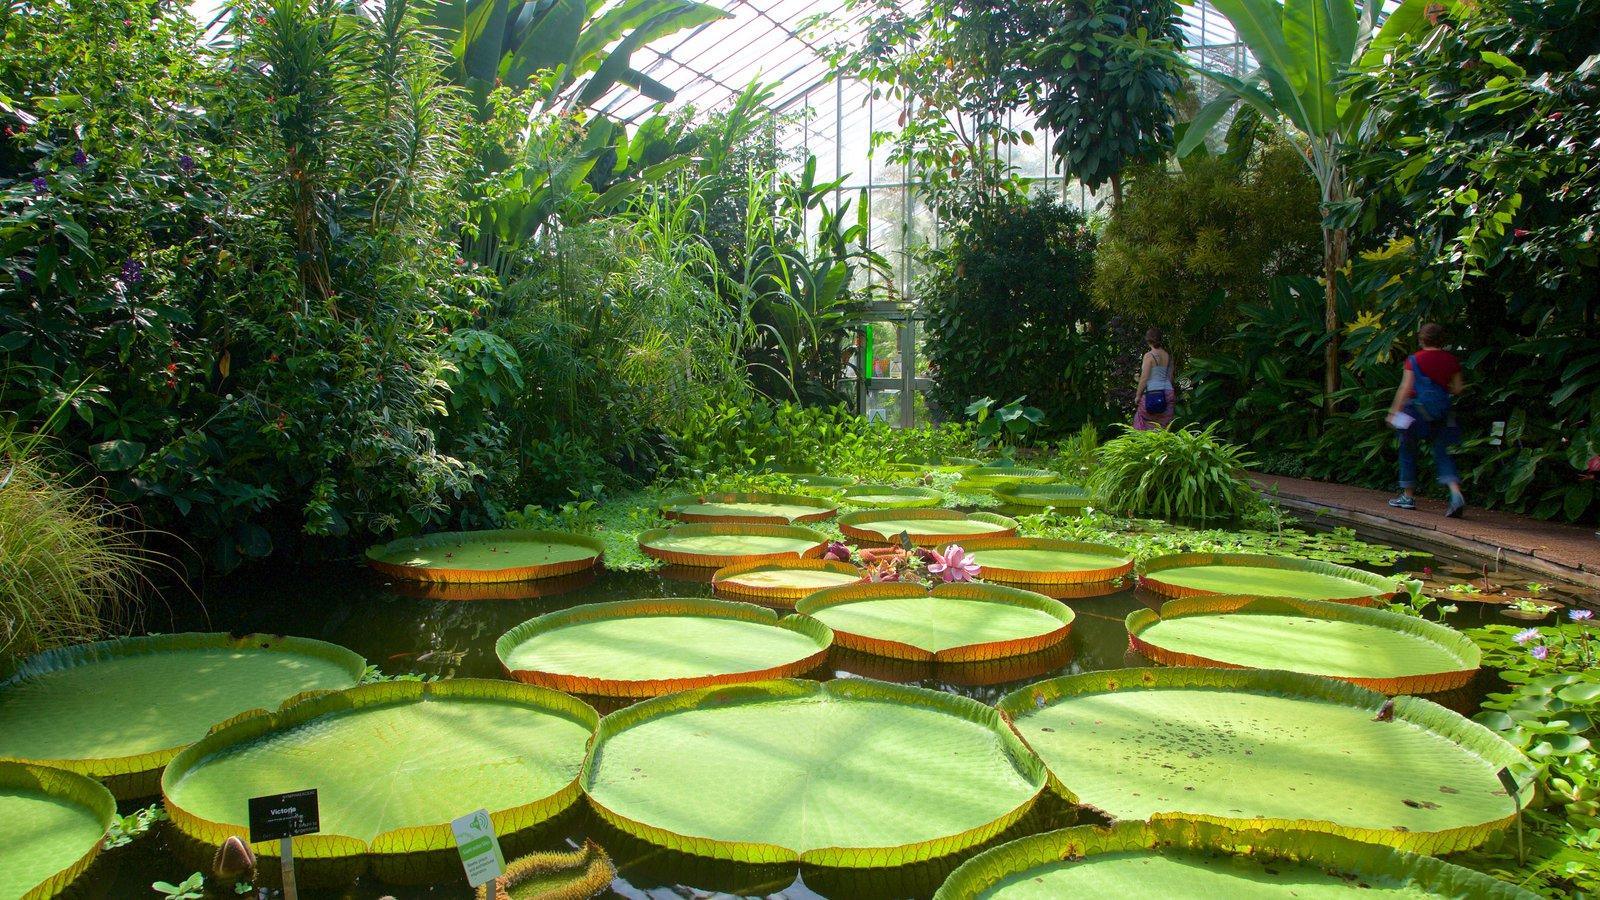 Real Jardín Botánico ofreciendo escenas tropicales, vistas interiores y un jardín